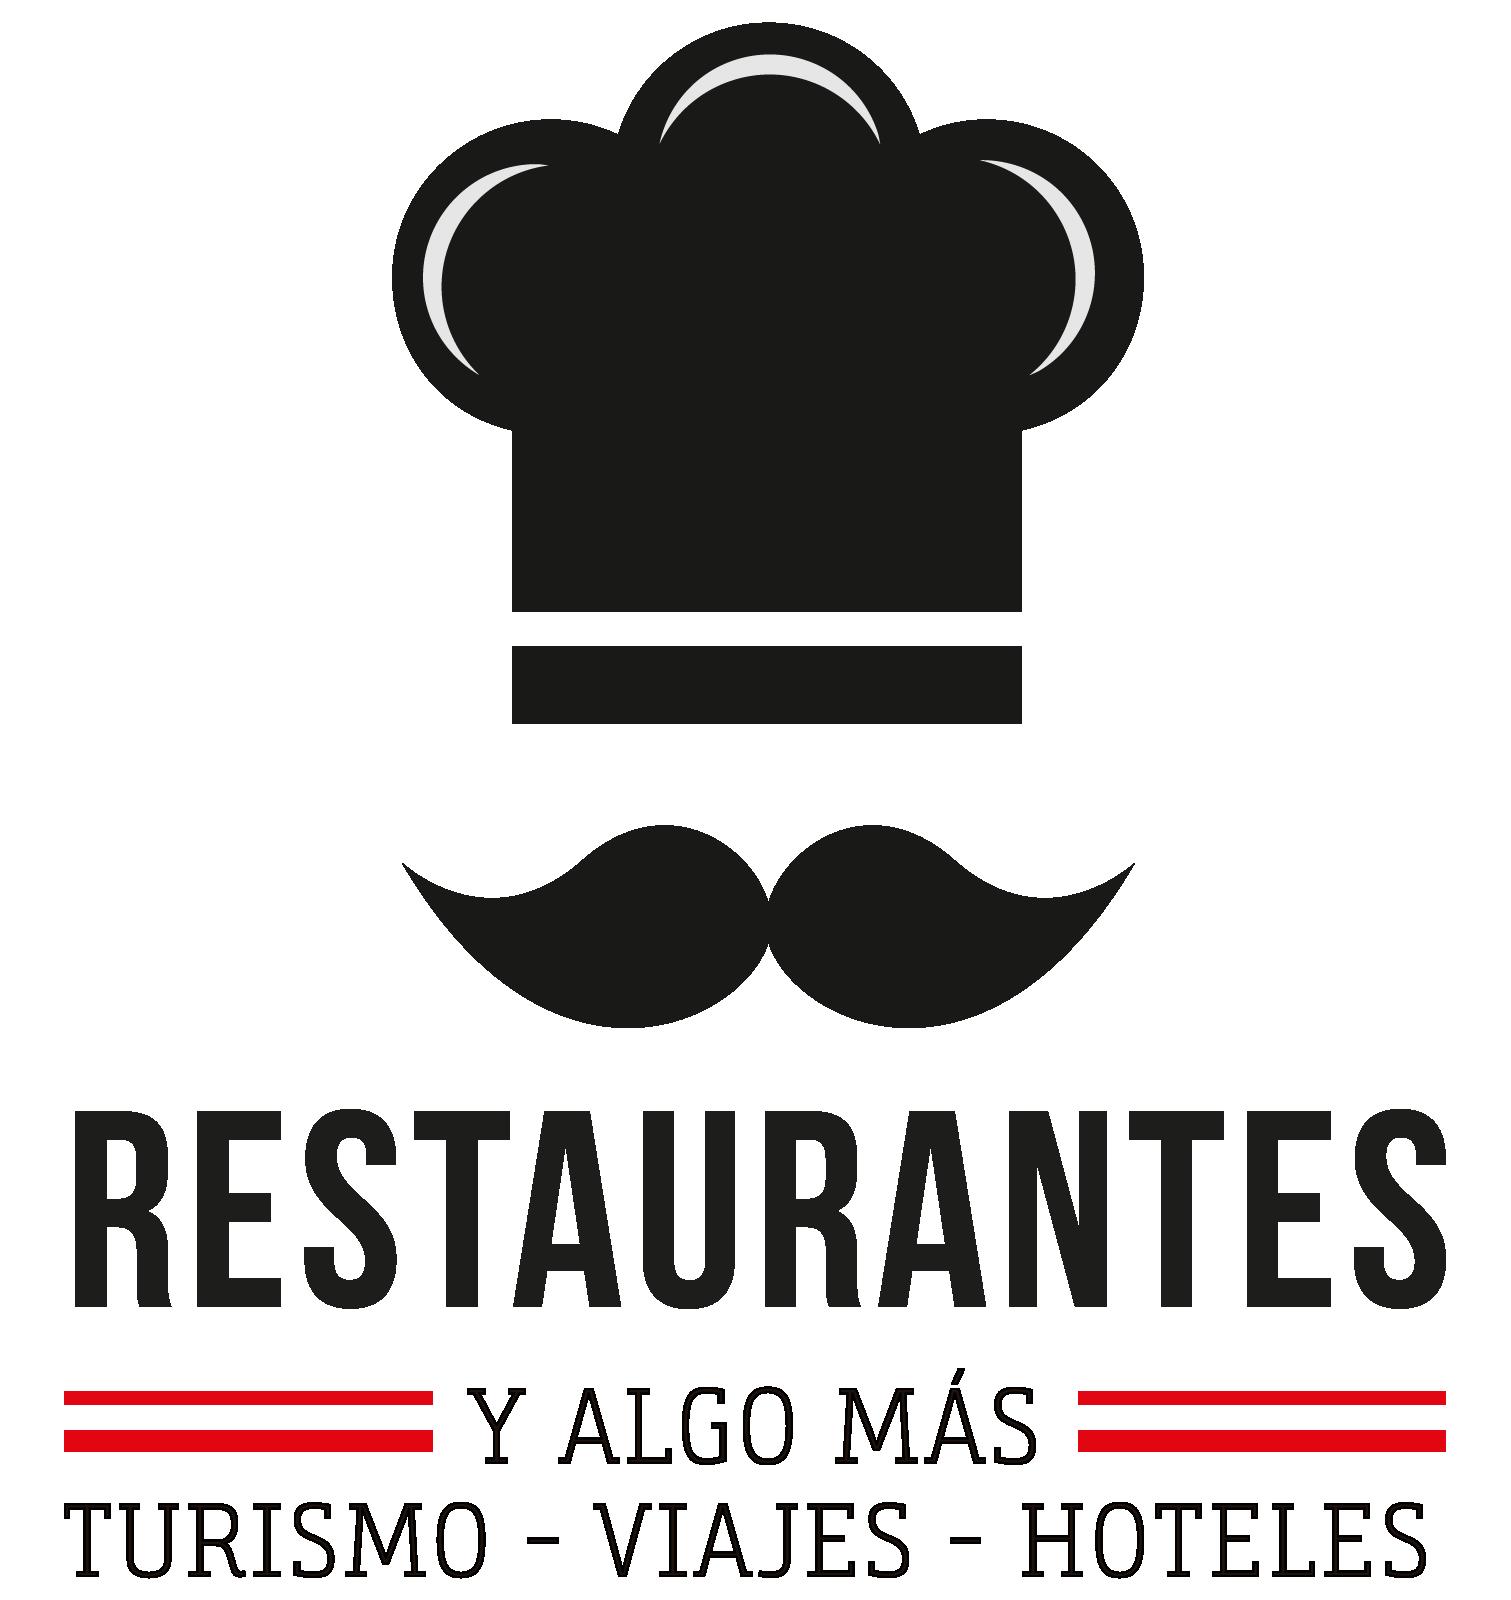 Restaurantes y algo más